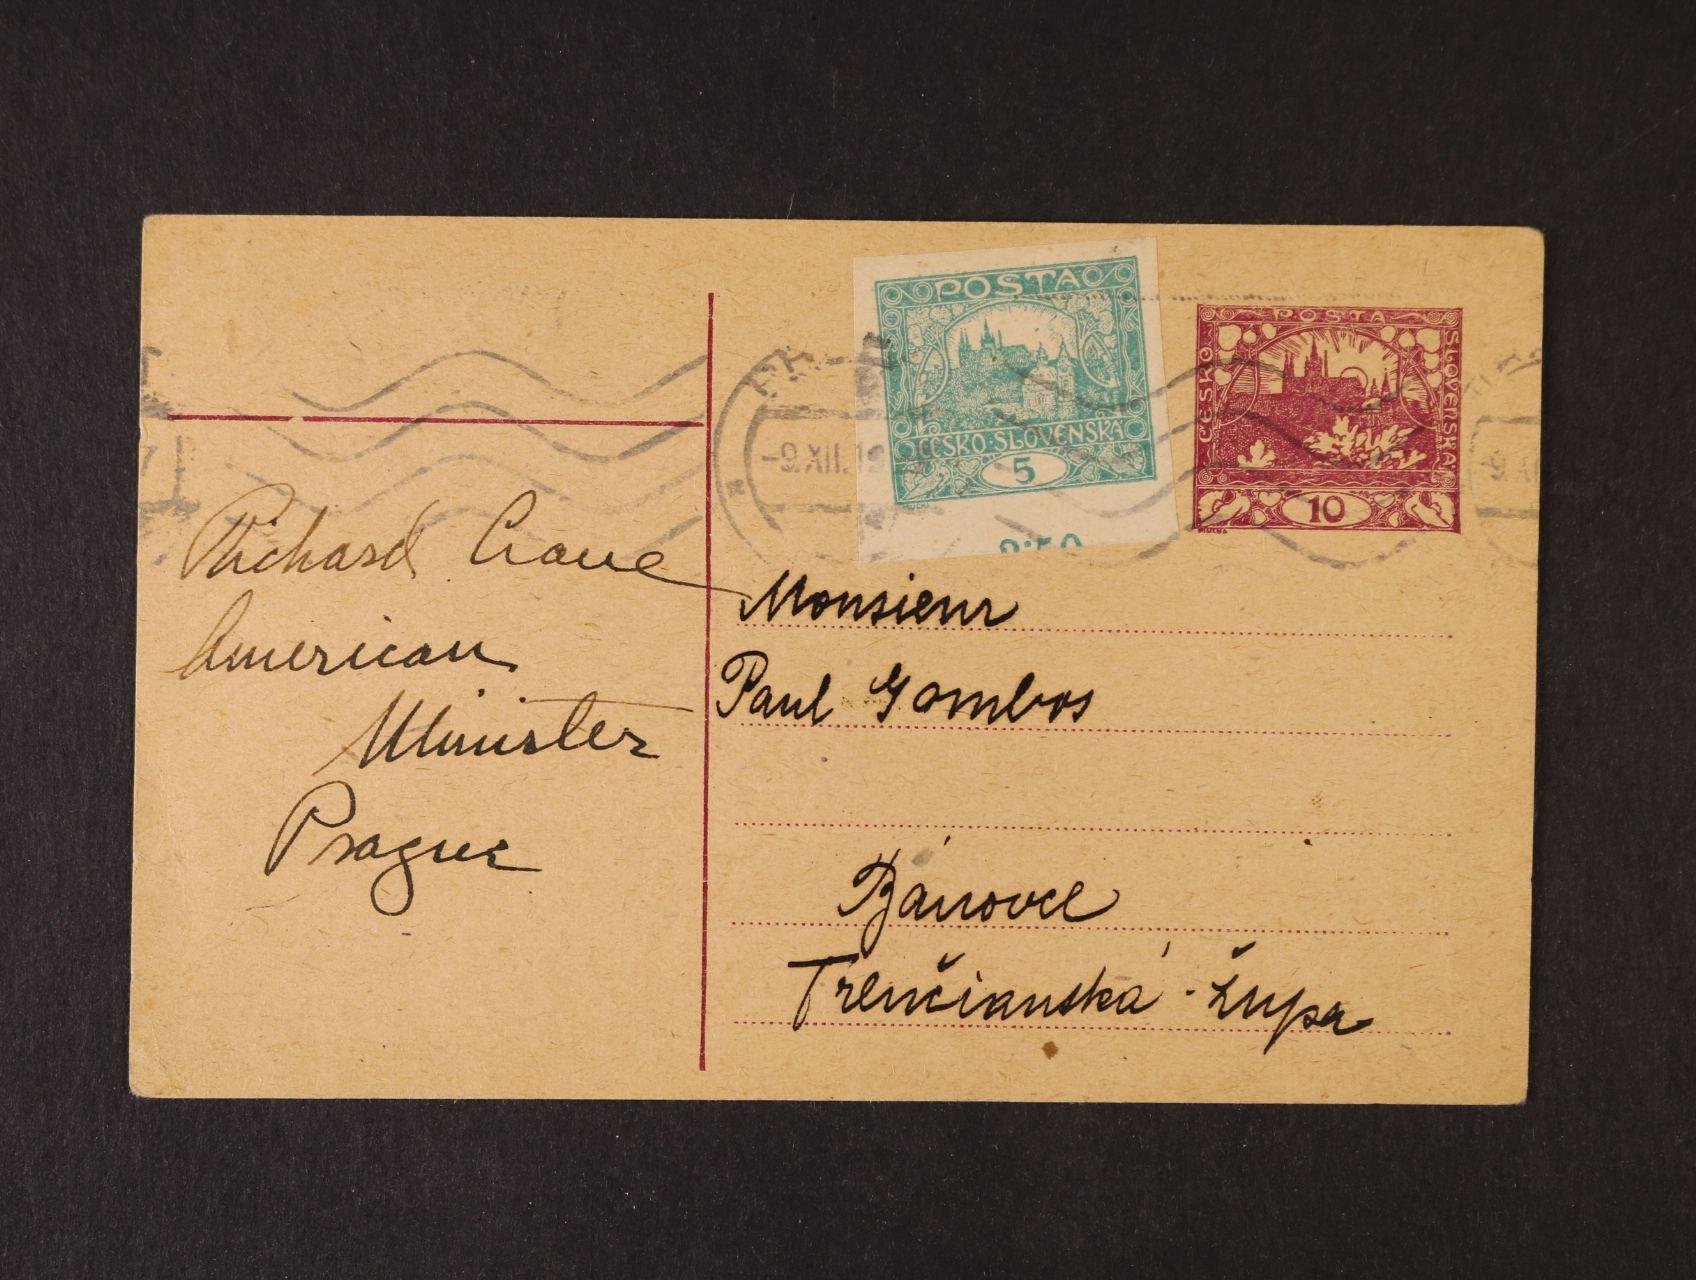 Crane Richard Teller, 1882 - 1938, první velvyslanec USA v Praze v letech 1919 - 21 - KL z 9.12.19 s vlastnoručním podpisem